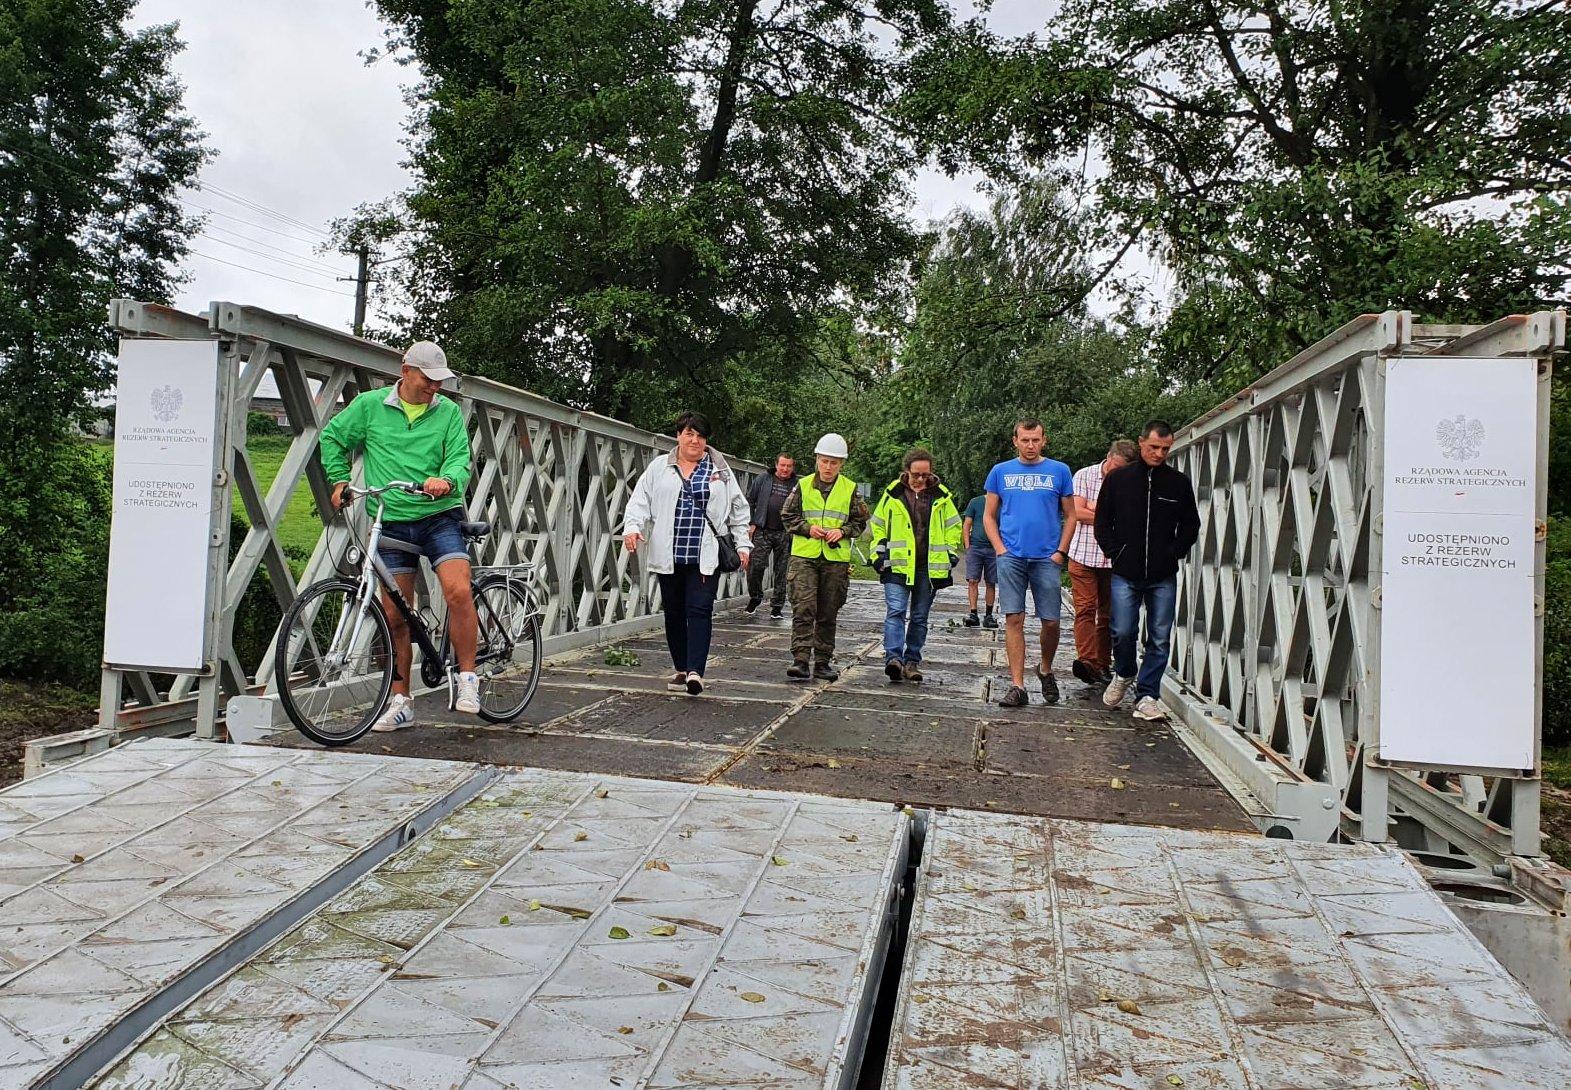 Nowy most niedaleko Płocka już otwarty [ZDJĘCIA] - Zdjęcie główne